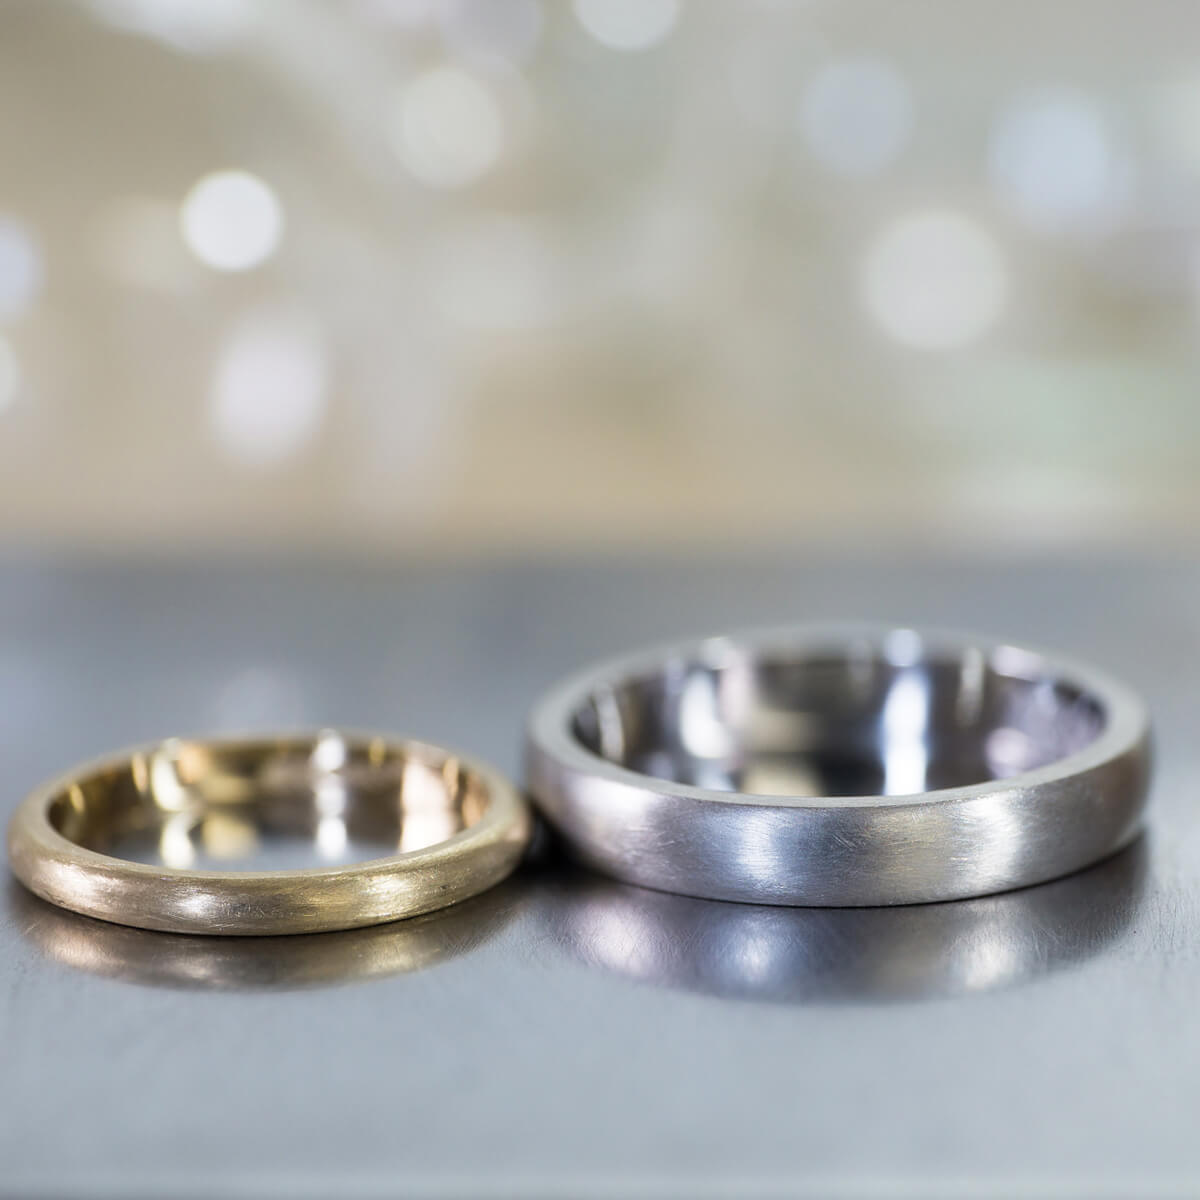 オーダーメイド結婚指輪 ジュエリーのアトリエ ゴールド、プラチナ 屋久島でつくる結婚指輪